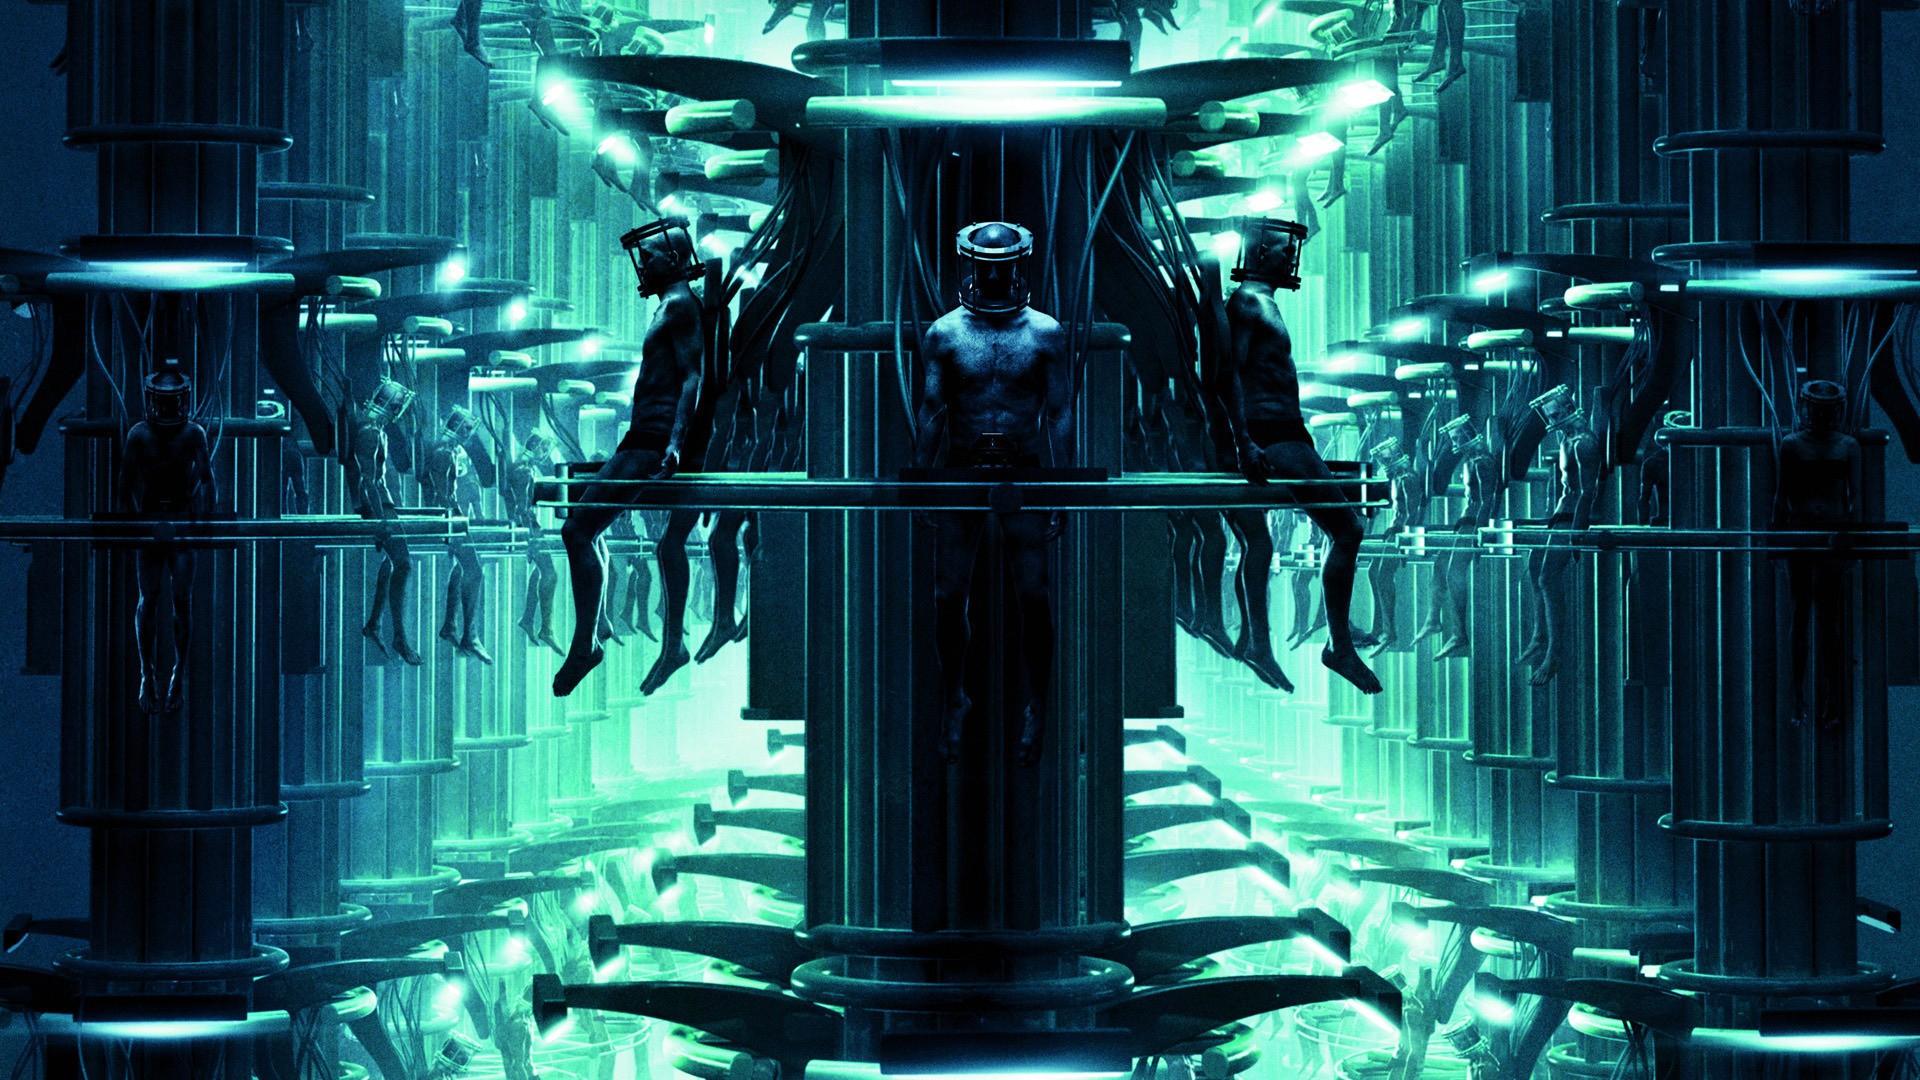 2010_daybreakers_movie-1920x1080.jpg